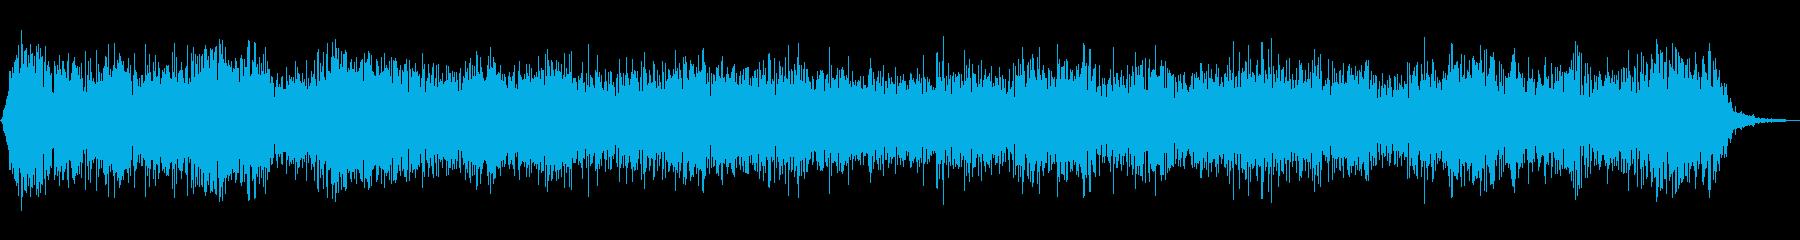 モーターヘビードローン、エレクトロ...の再生済みの波形